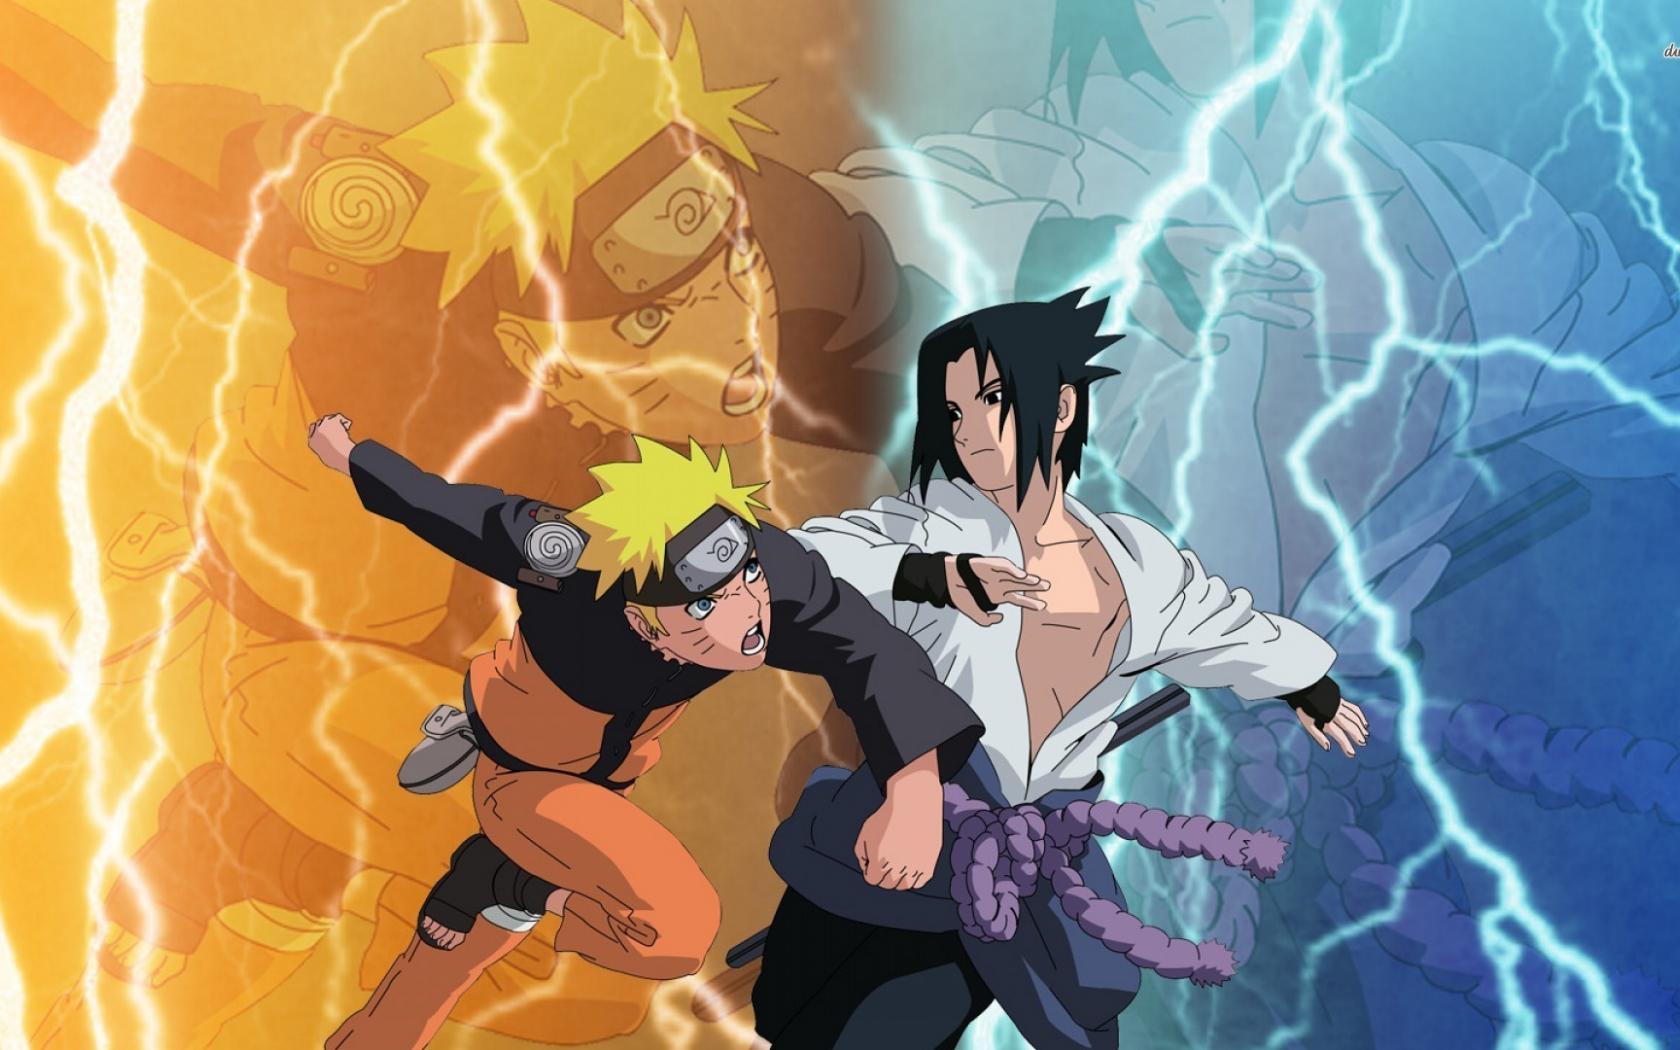 Free Download Sasuke Uchiha Vs Naruto Uzumaki Final Battle